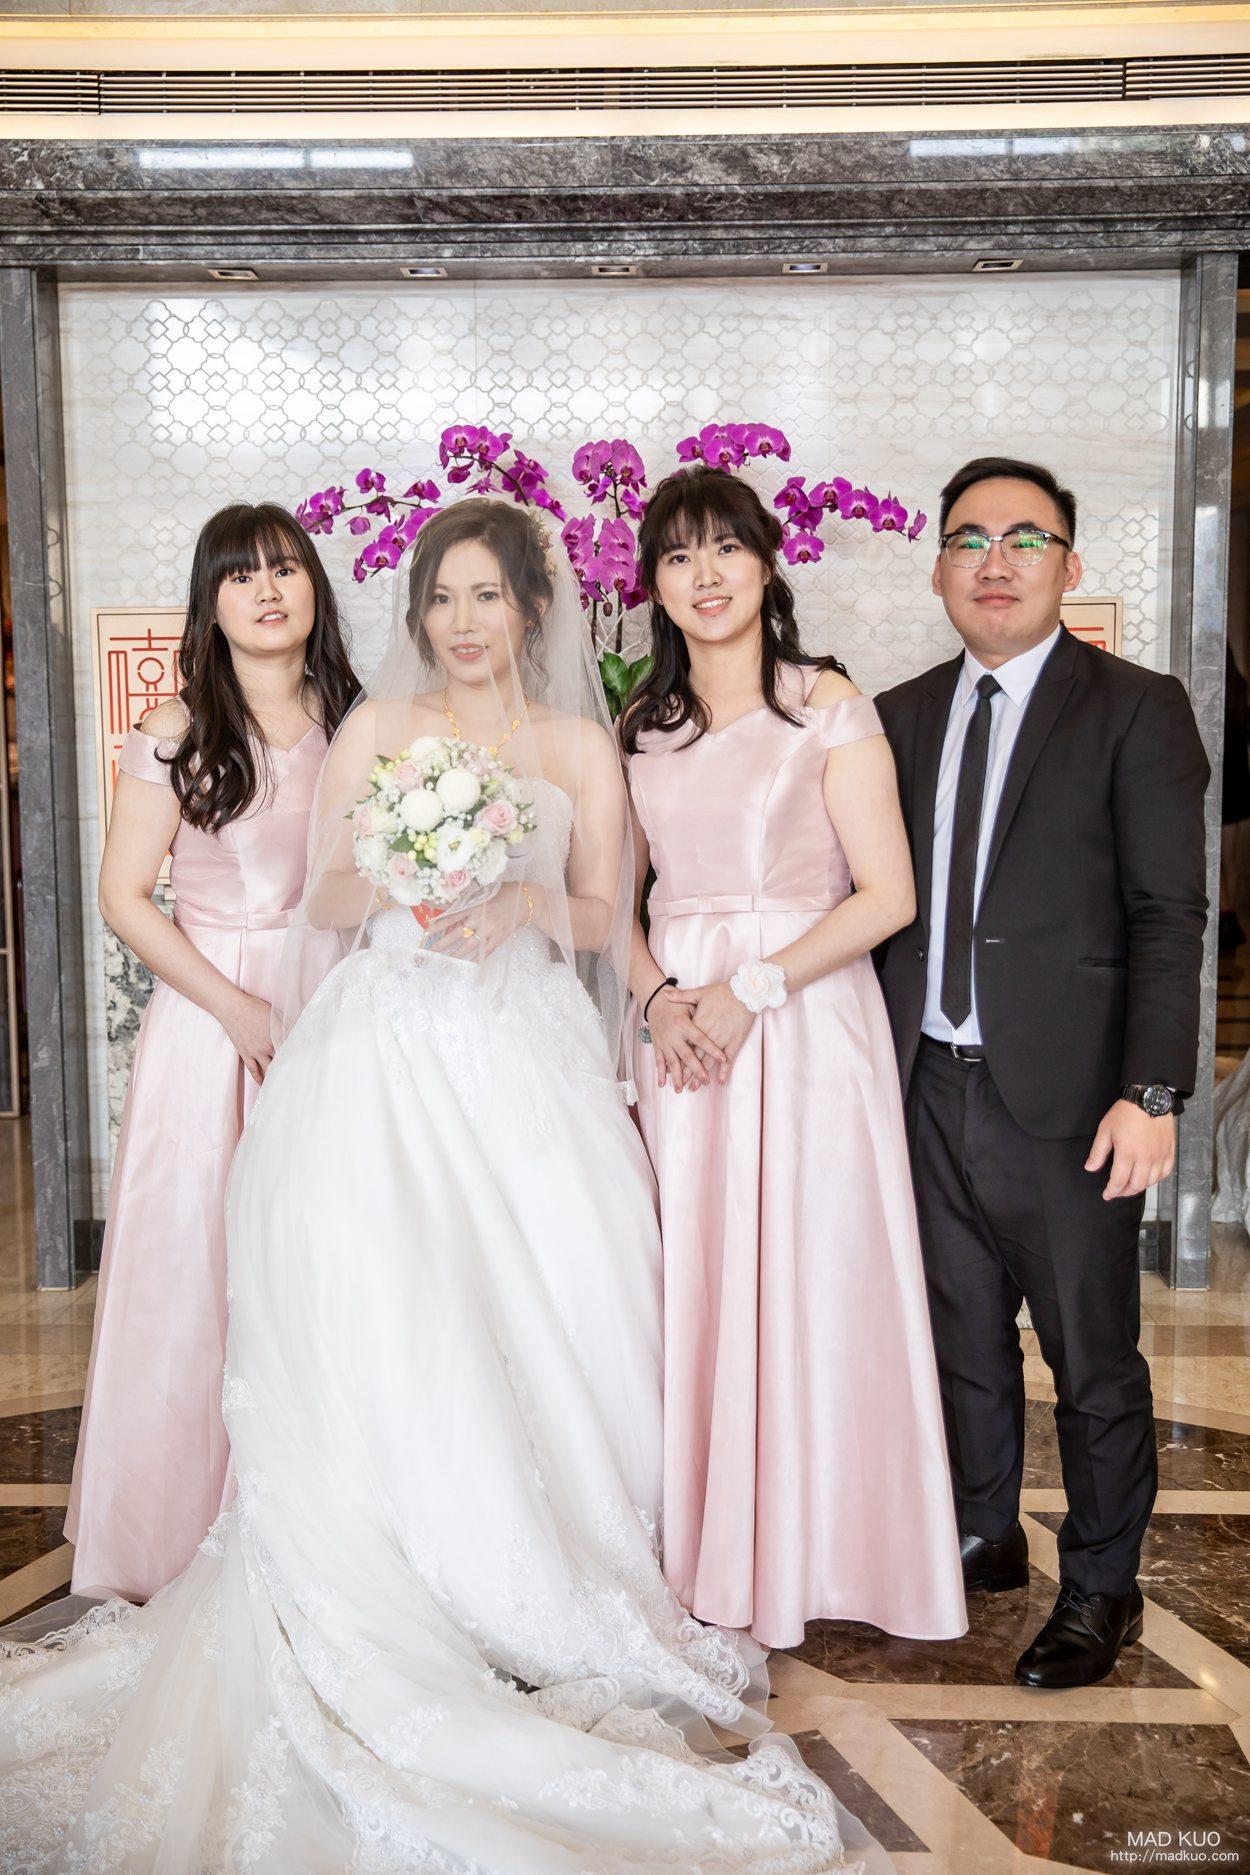 彰化婚攝推薦,彰化食觀天下婚攝